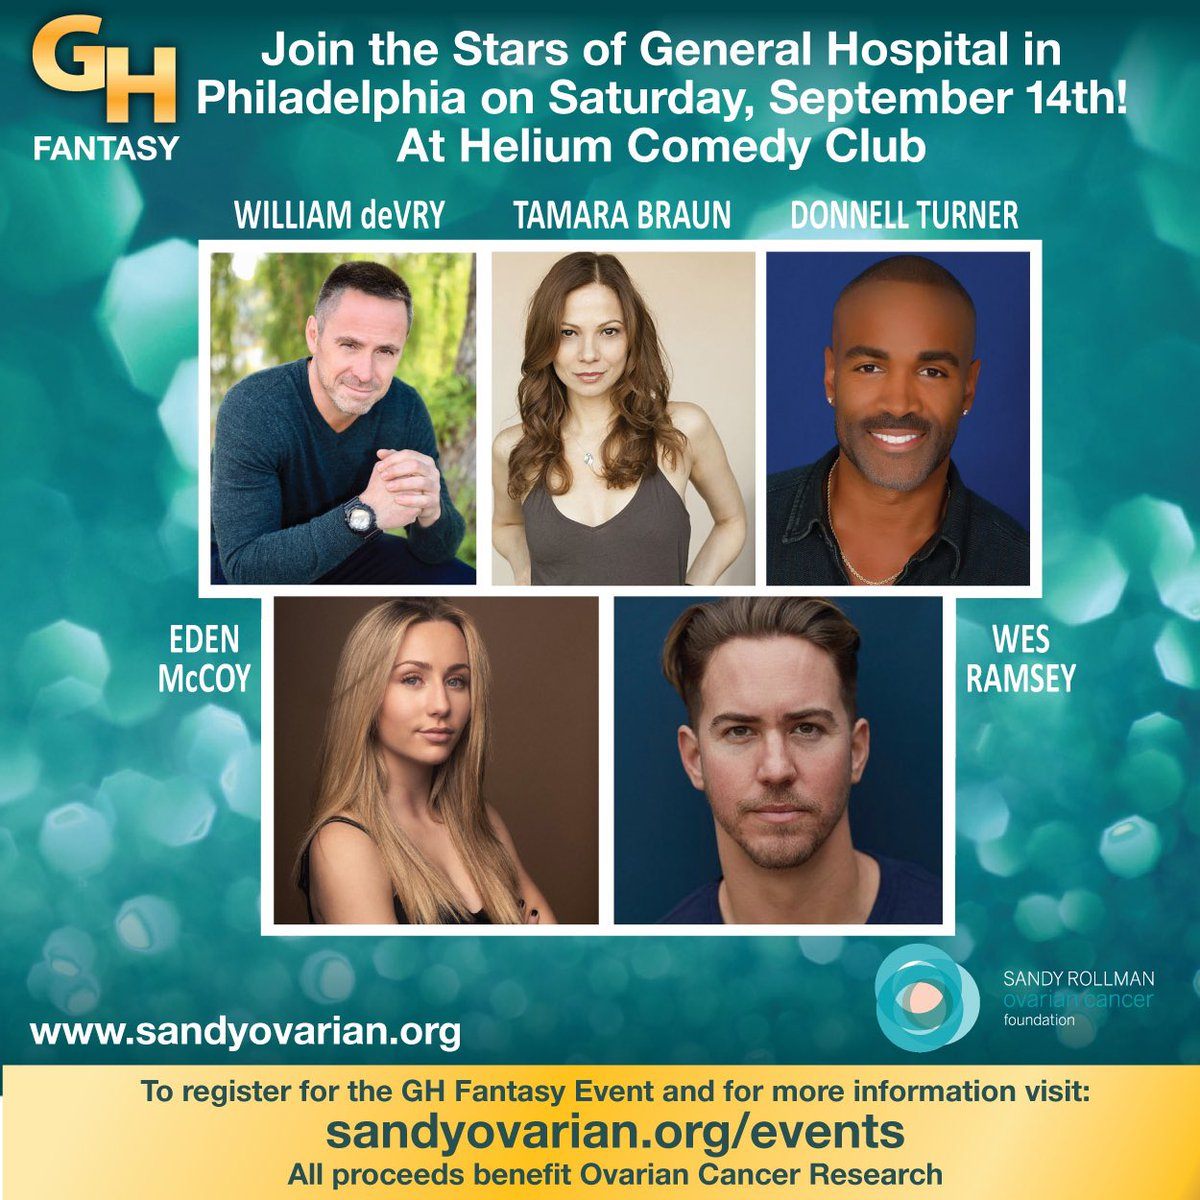 GH Fantasy Sandy Rollman Foundation promo